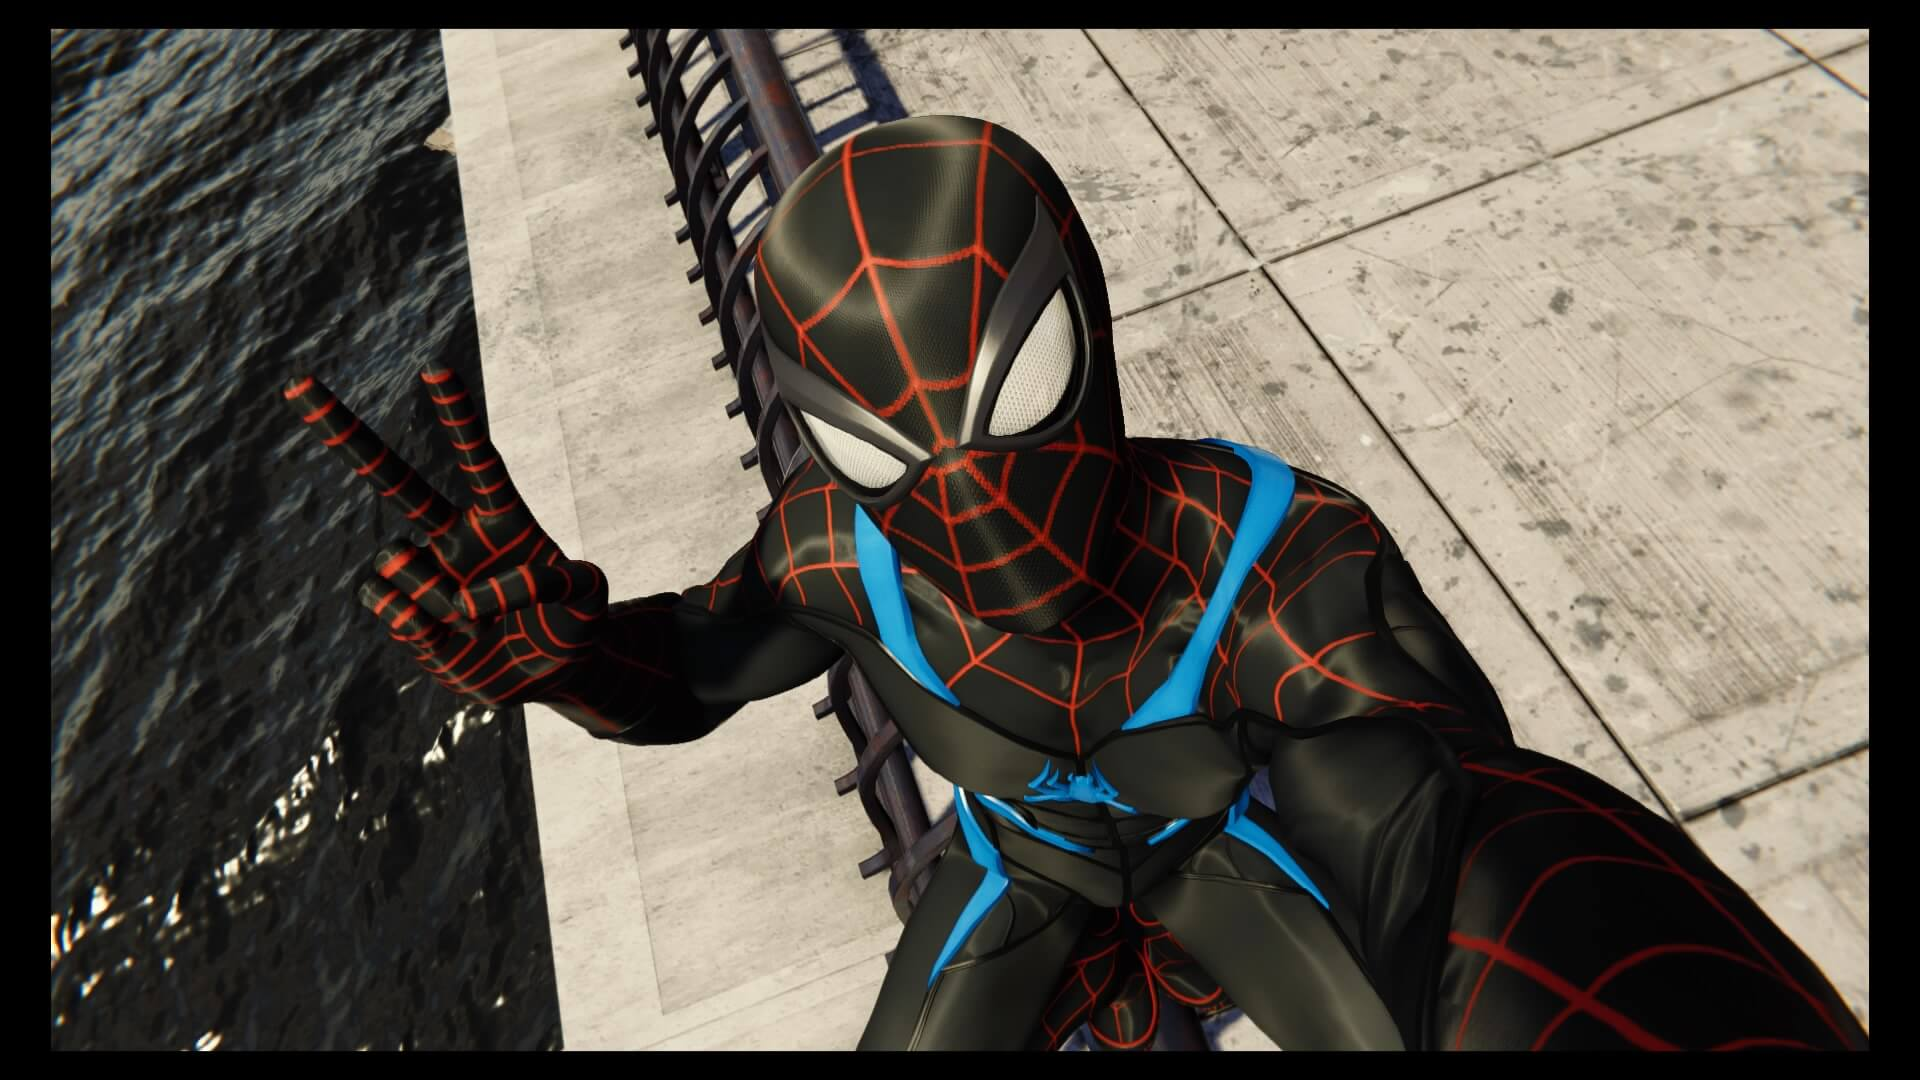 Le classement des costumes spider man sur ps4 actugeekgaming - Jeux de spiderman 7 ...